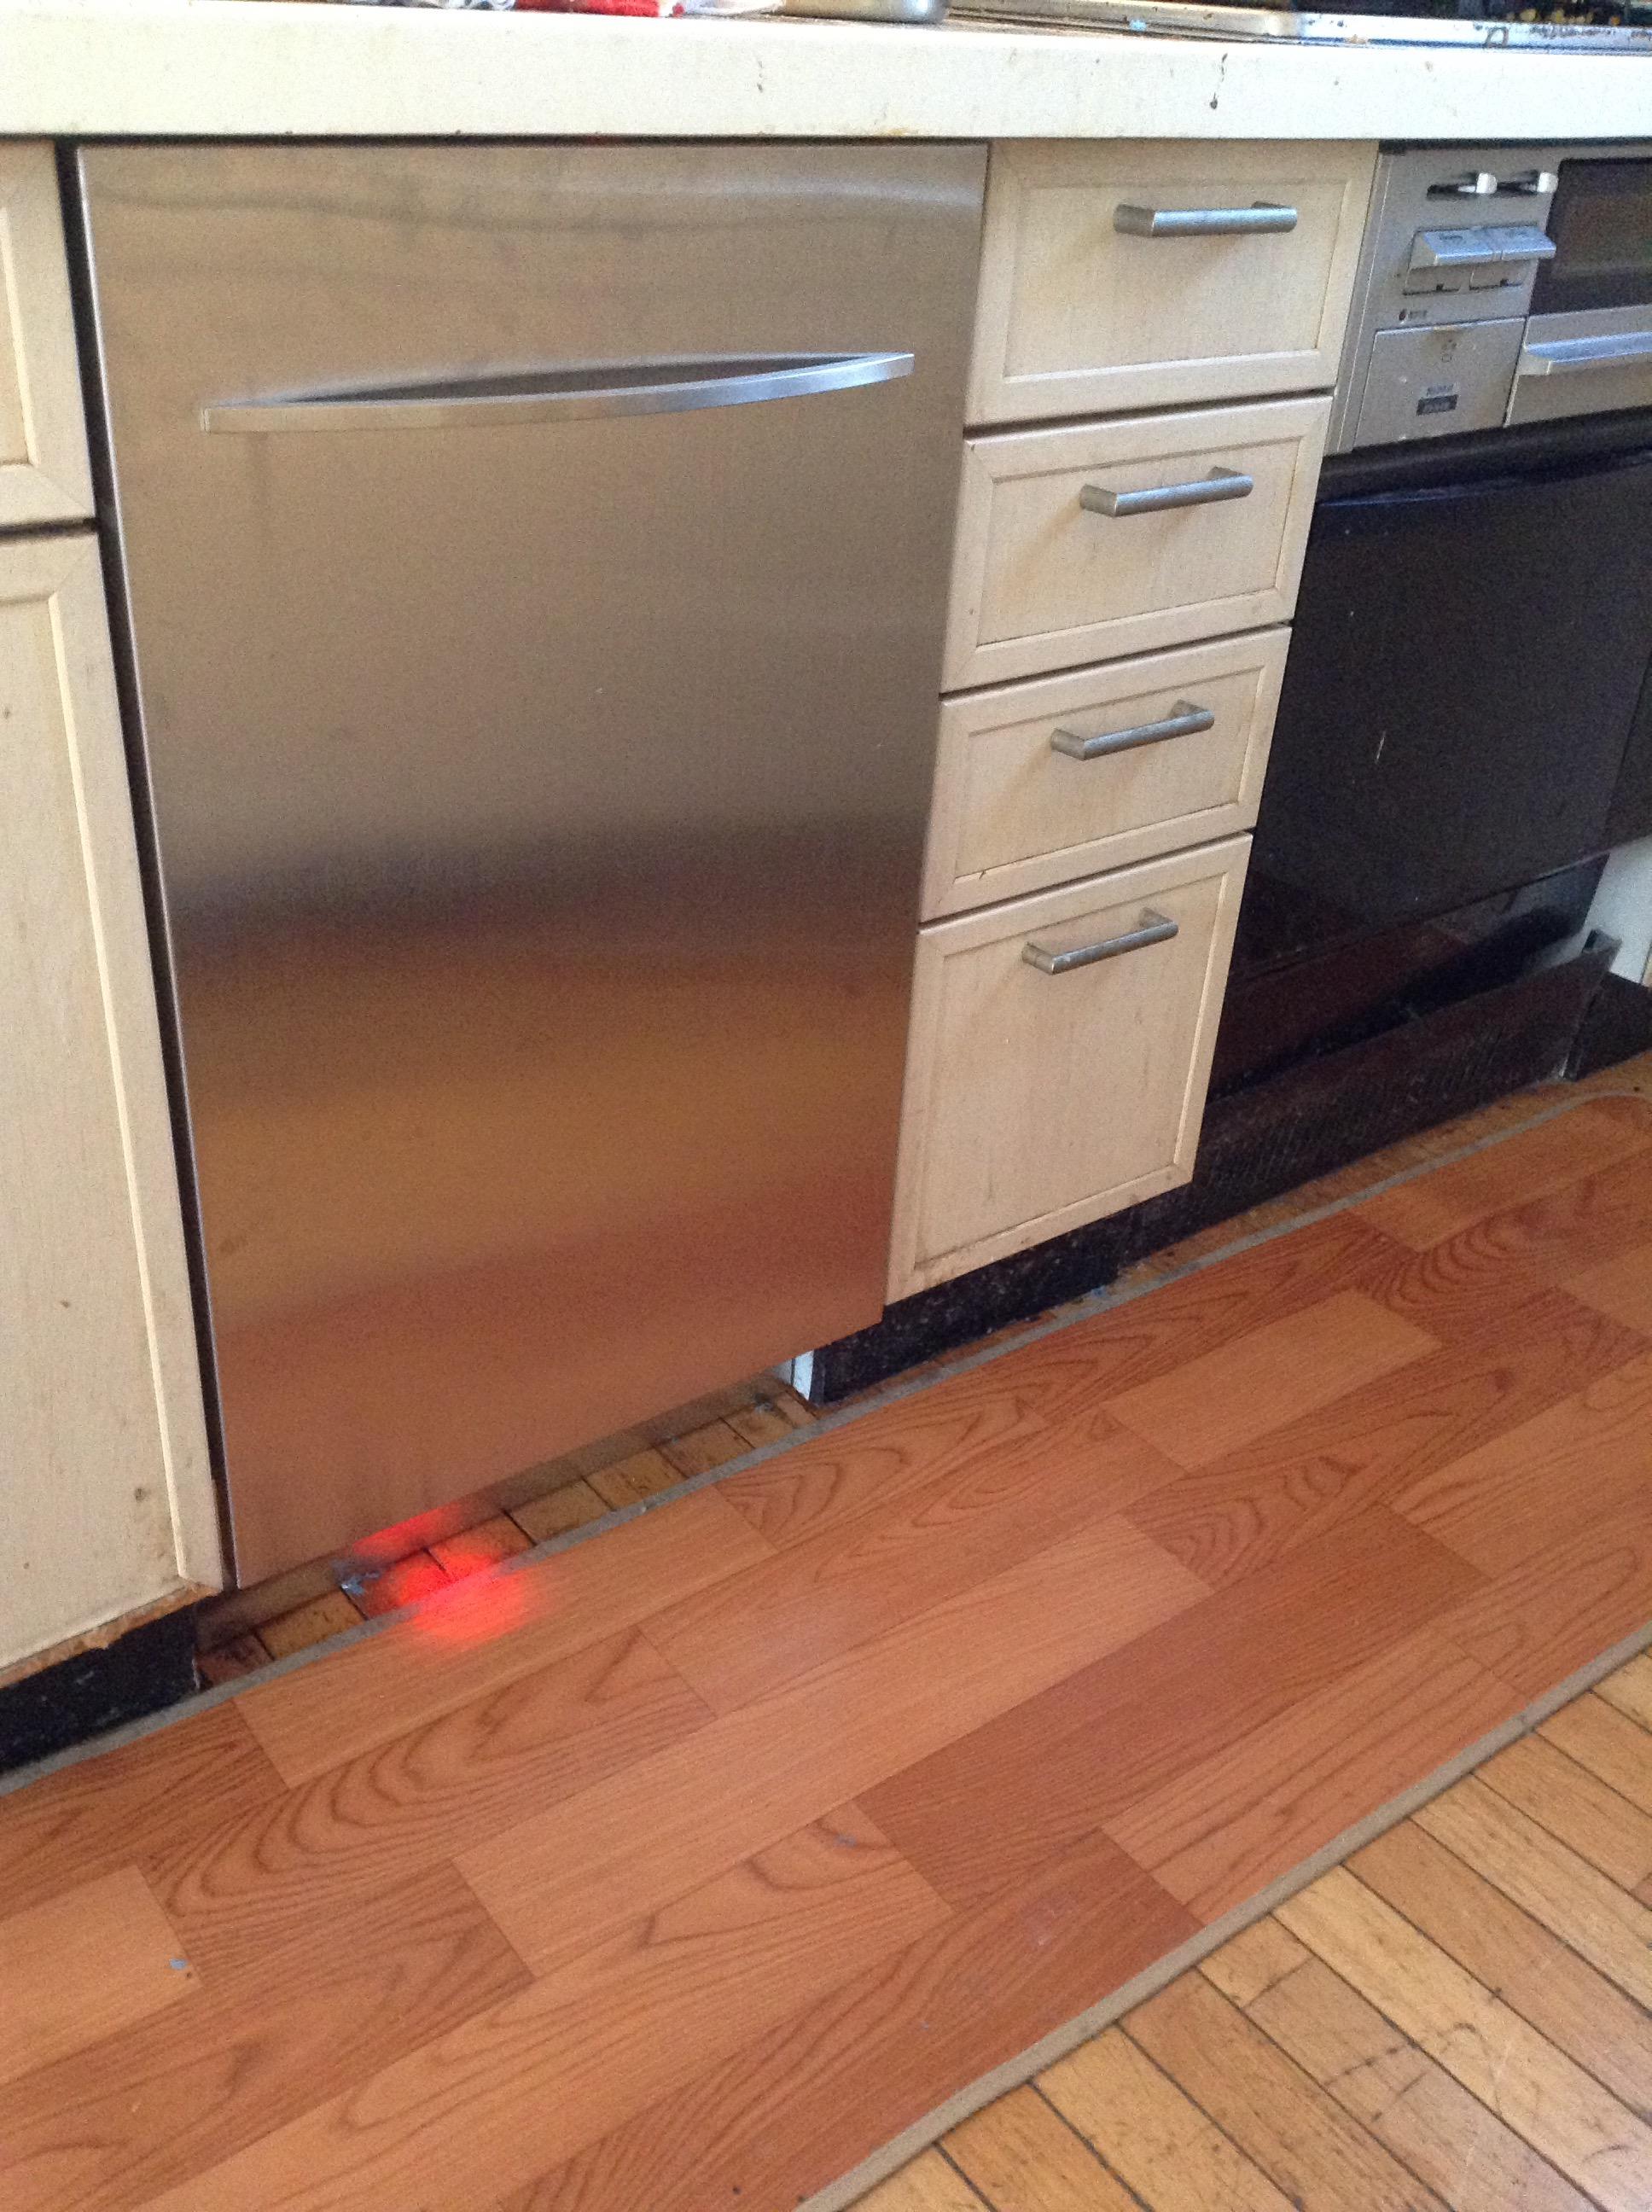 新設食器洗浄機AEG製品